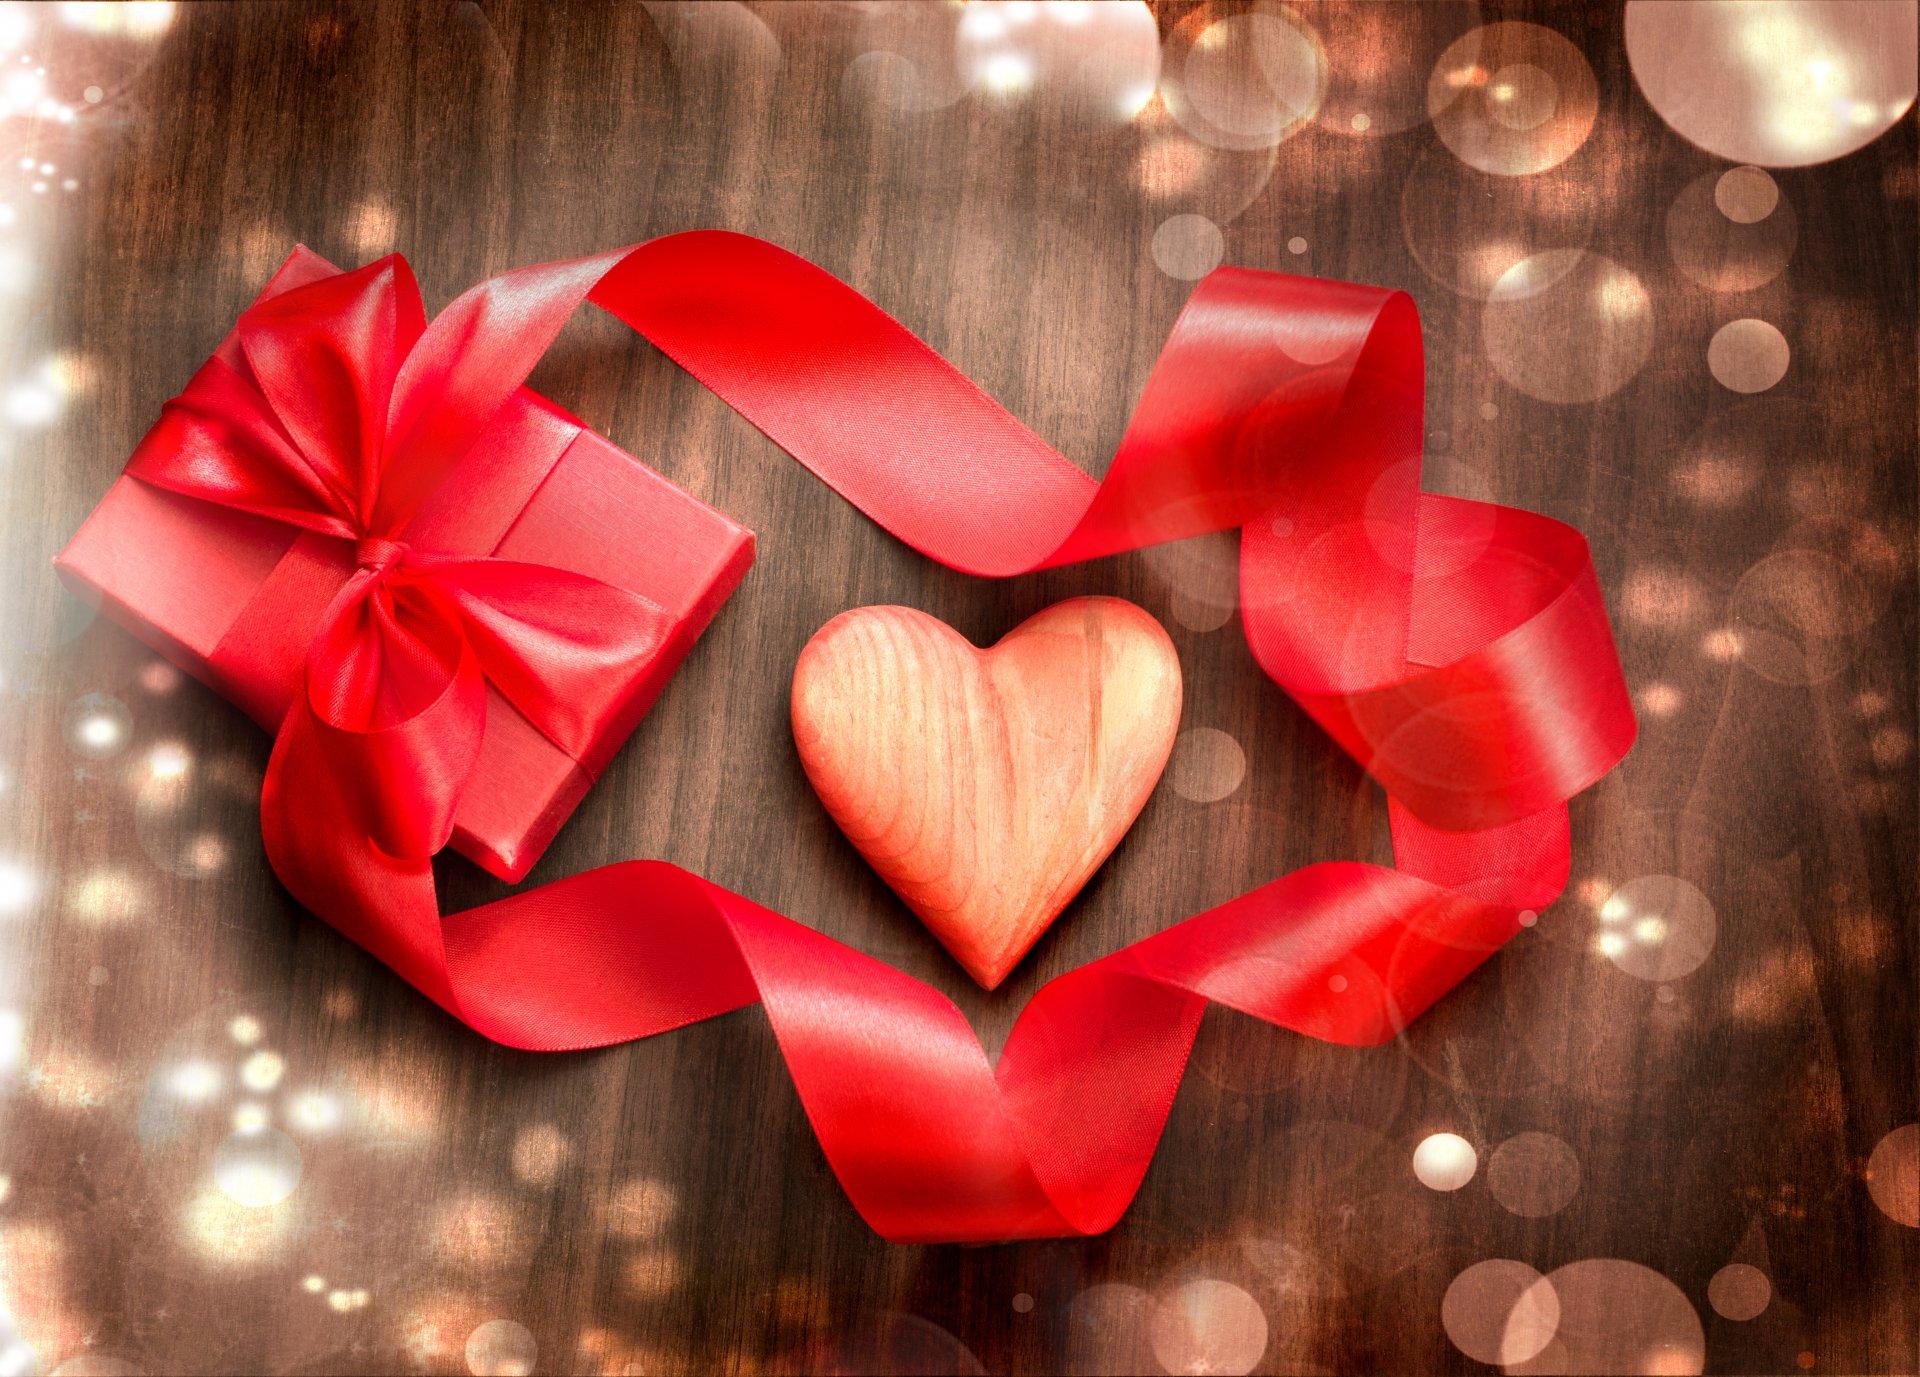 Поздравления мужчине, картинки валентинов день